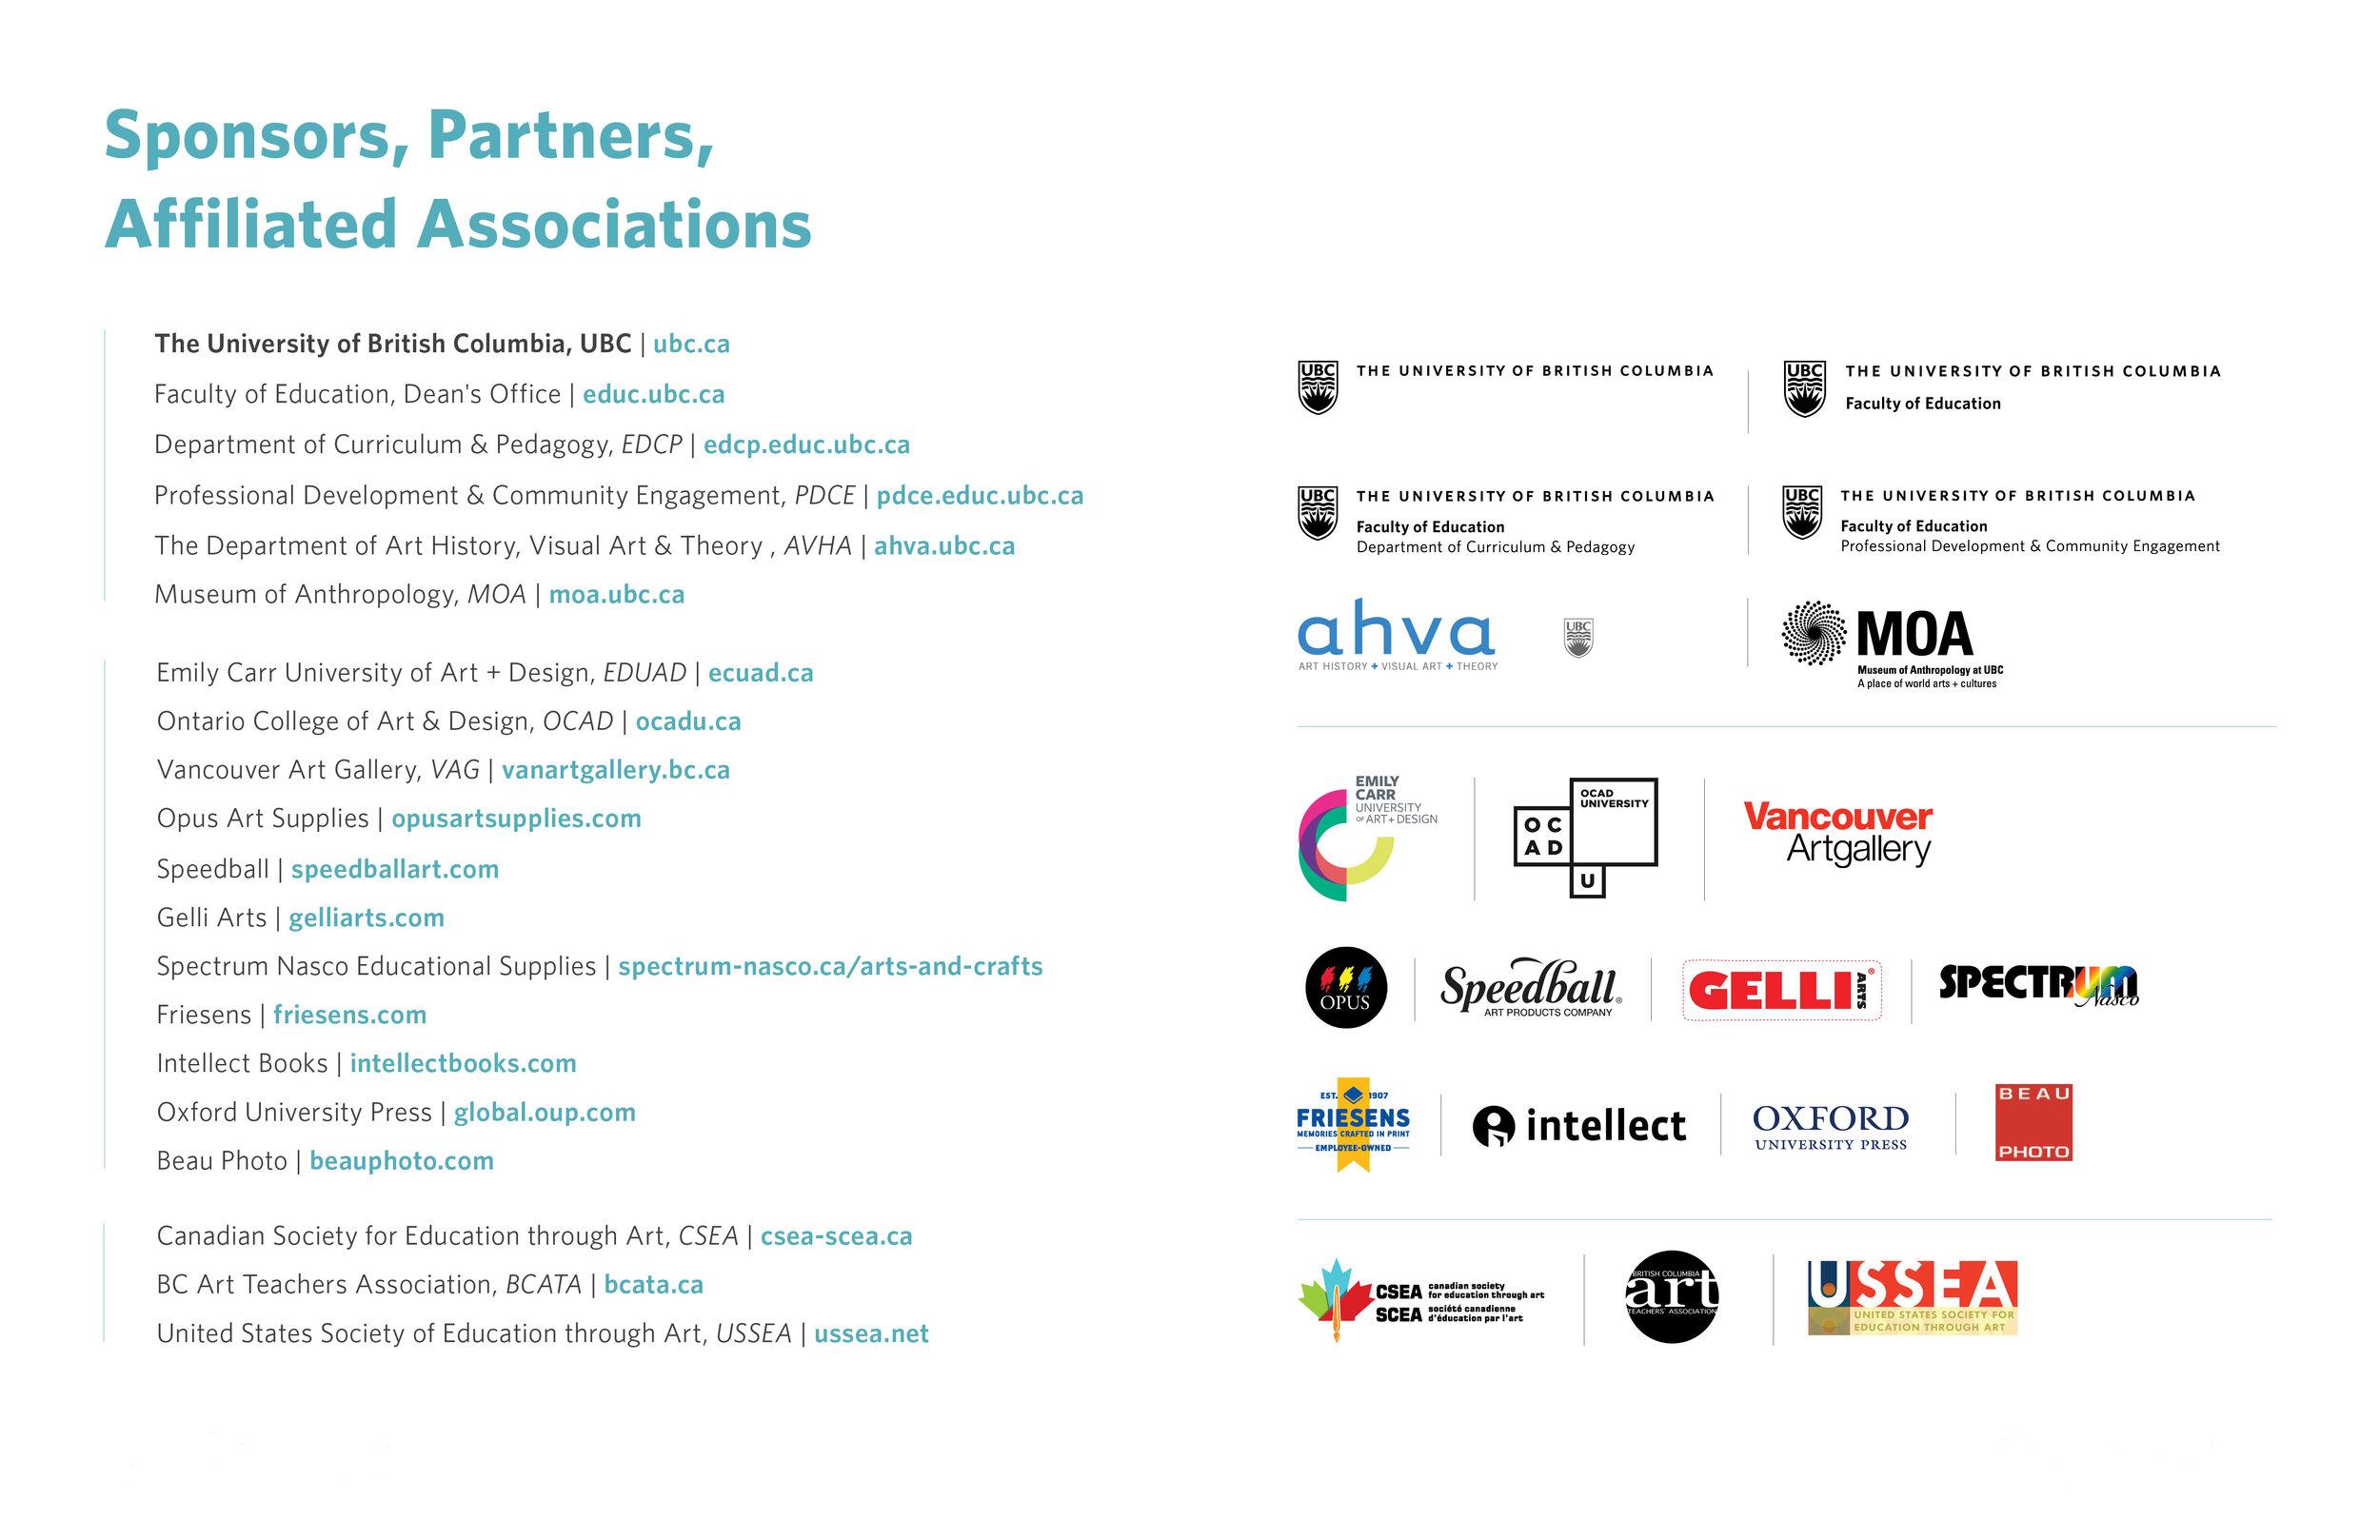 sponsors84.jpg